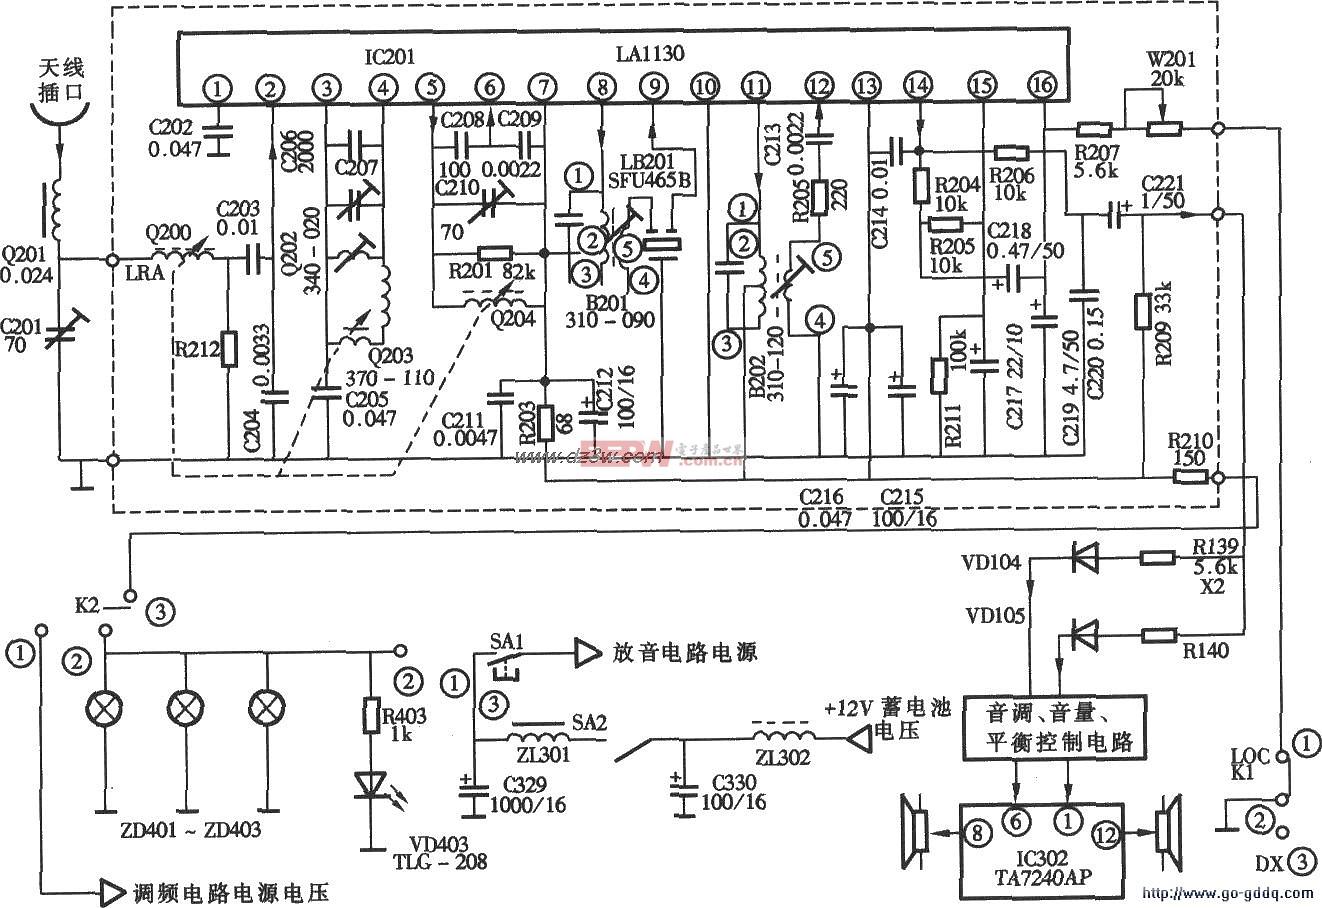 桑塔纳轿车配置凯歌牌4820c型汽车音响调幅收音电路图解